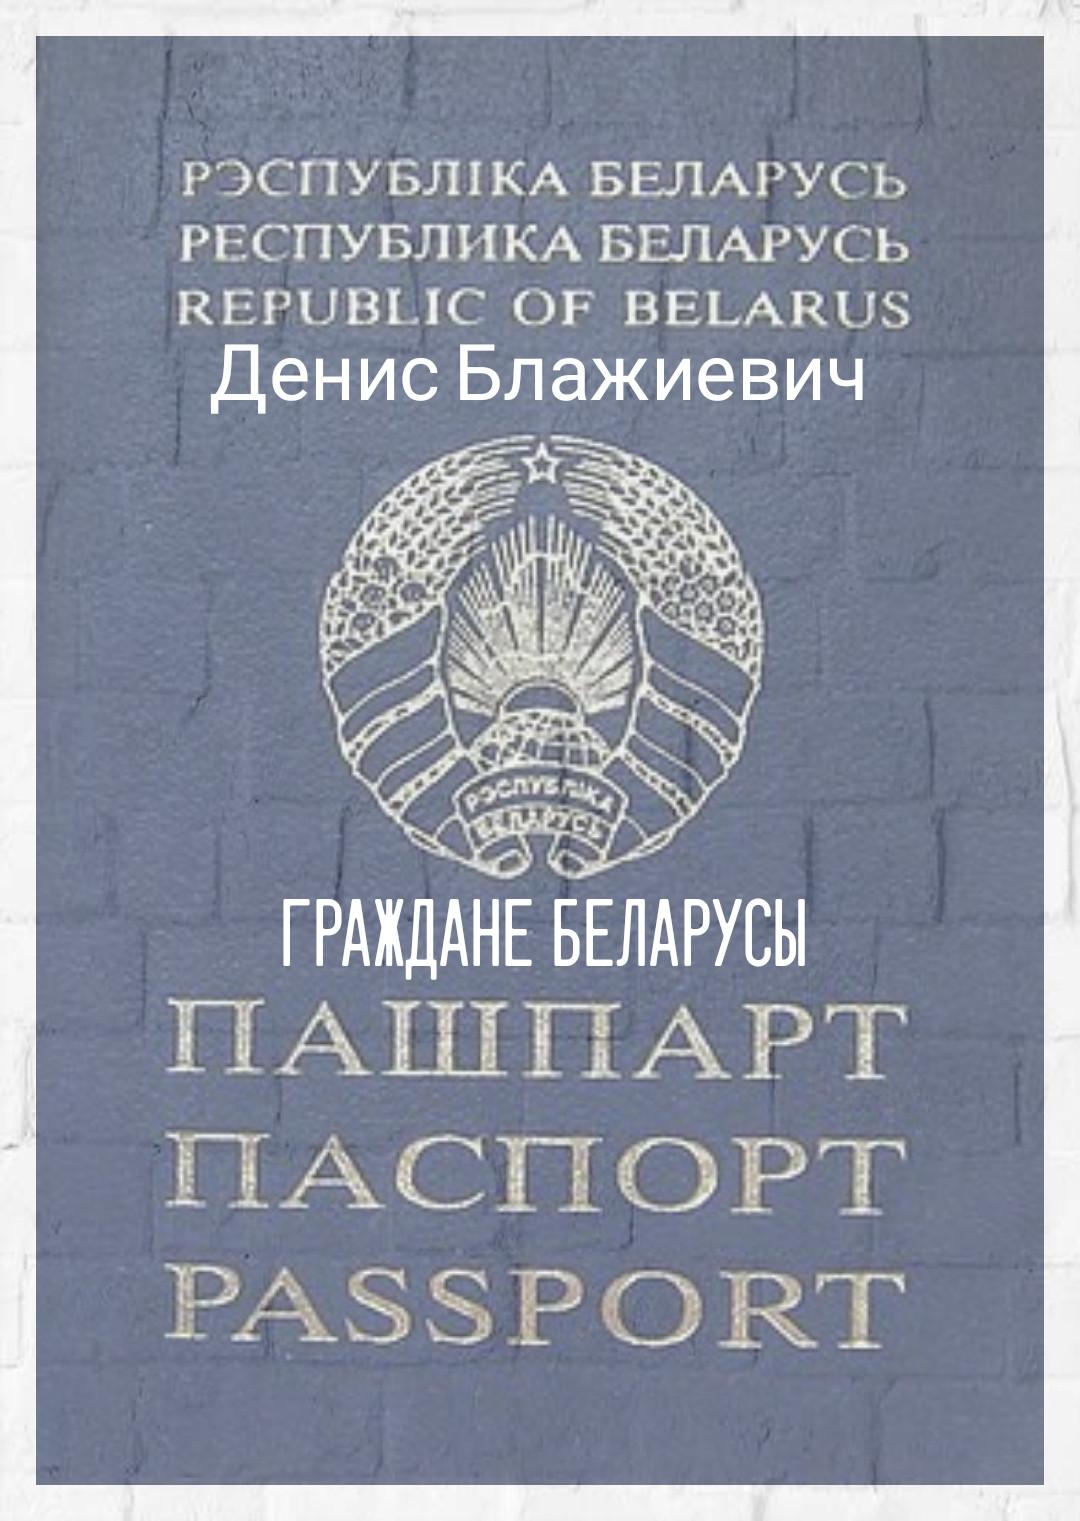 На фото: Граждане Беларусы, автор: Prohneploh